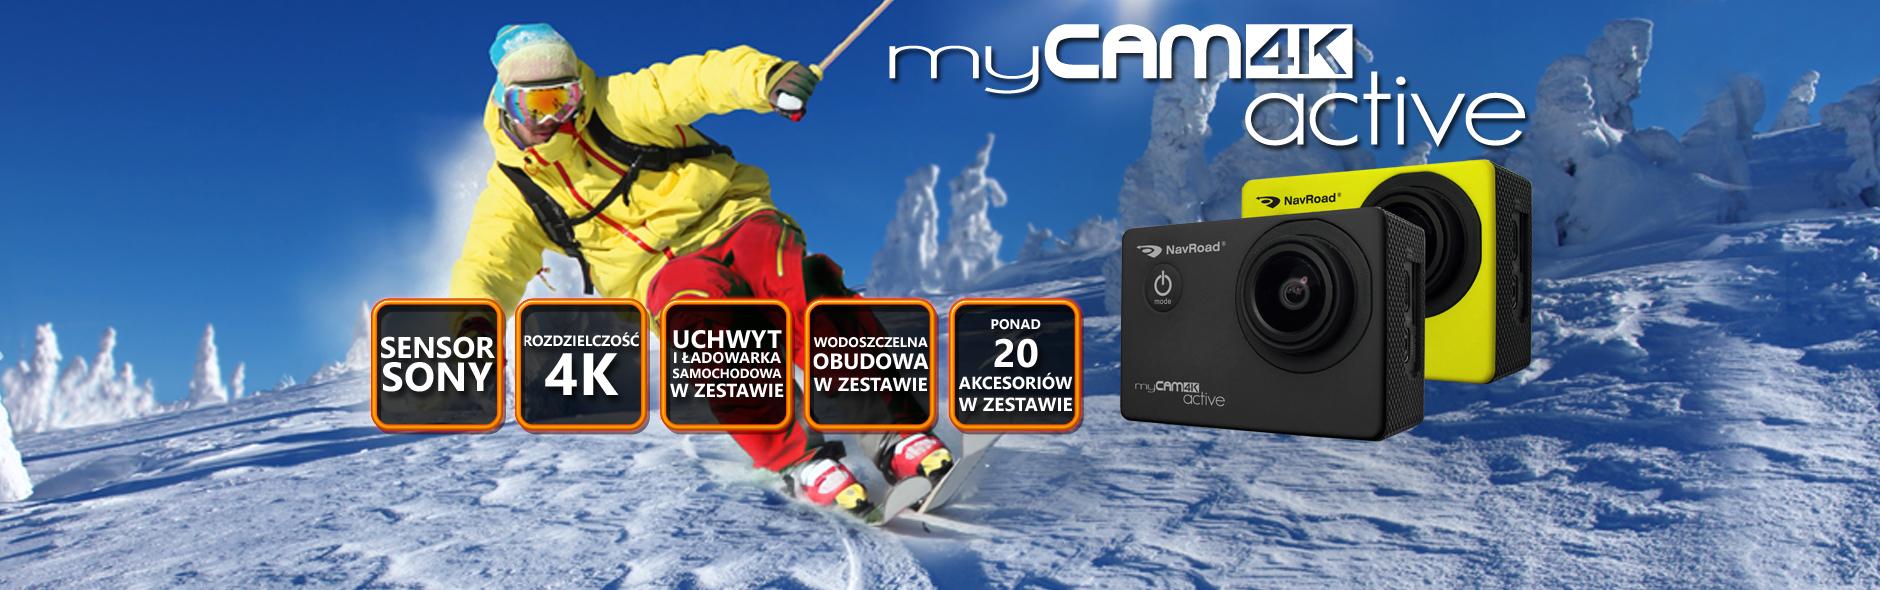 myCAM 4K active_banner_OK